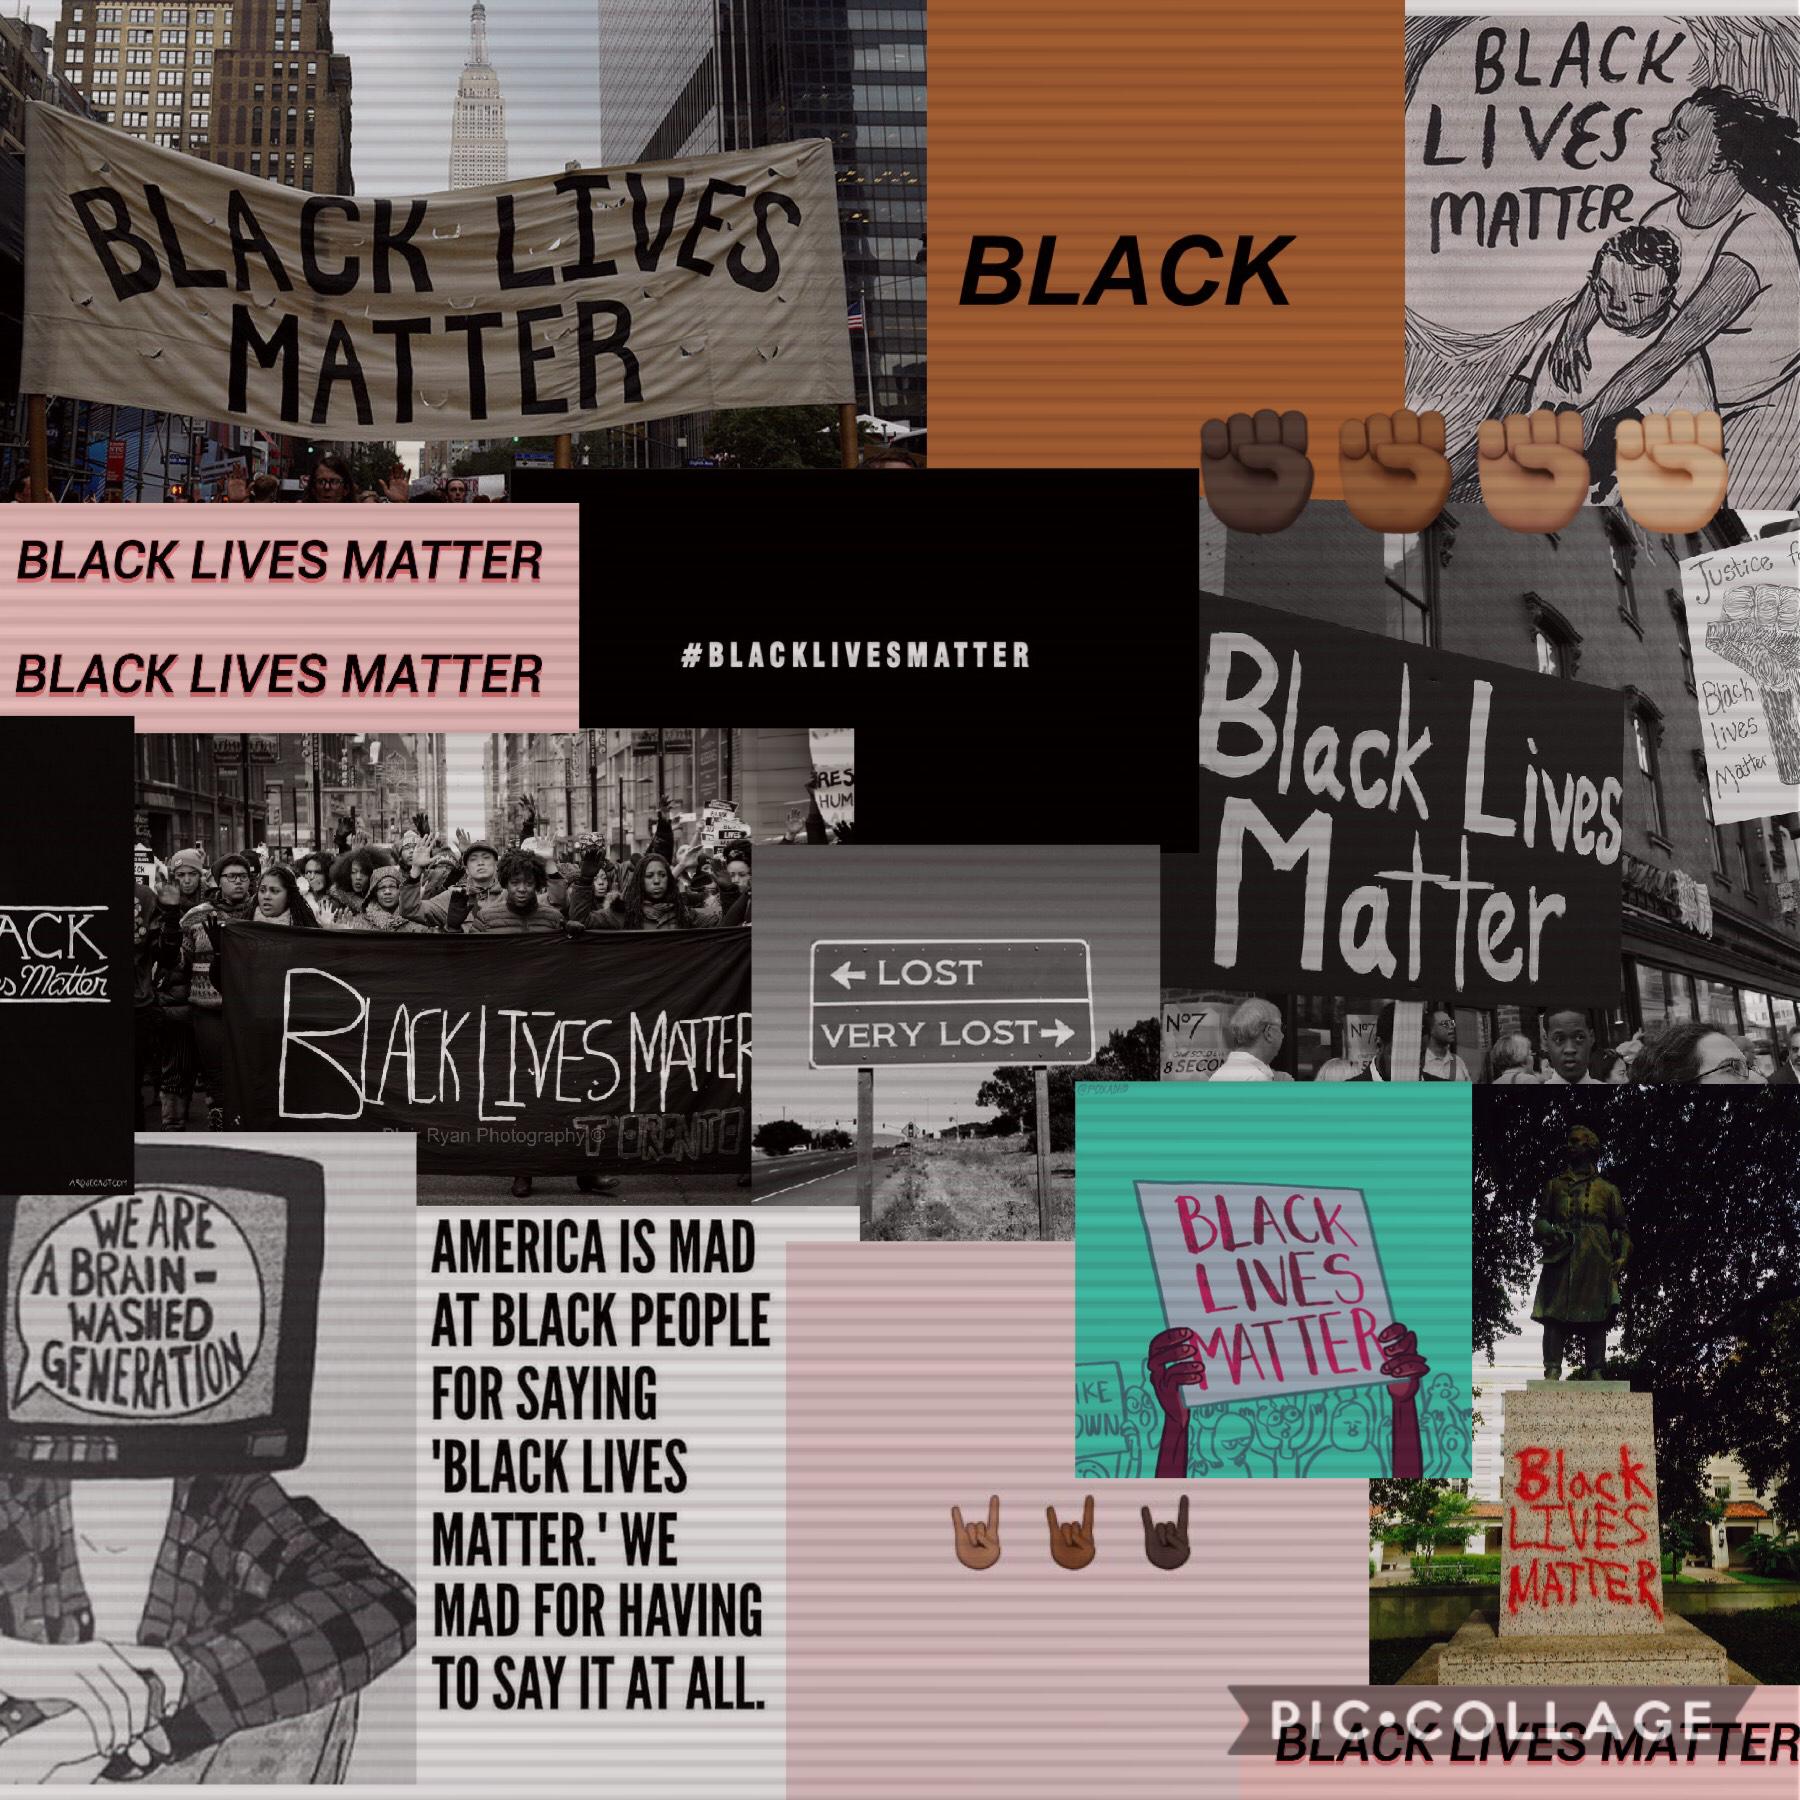 Black lives matter✊🏾💕